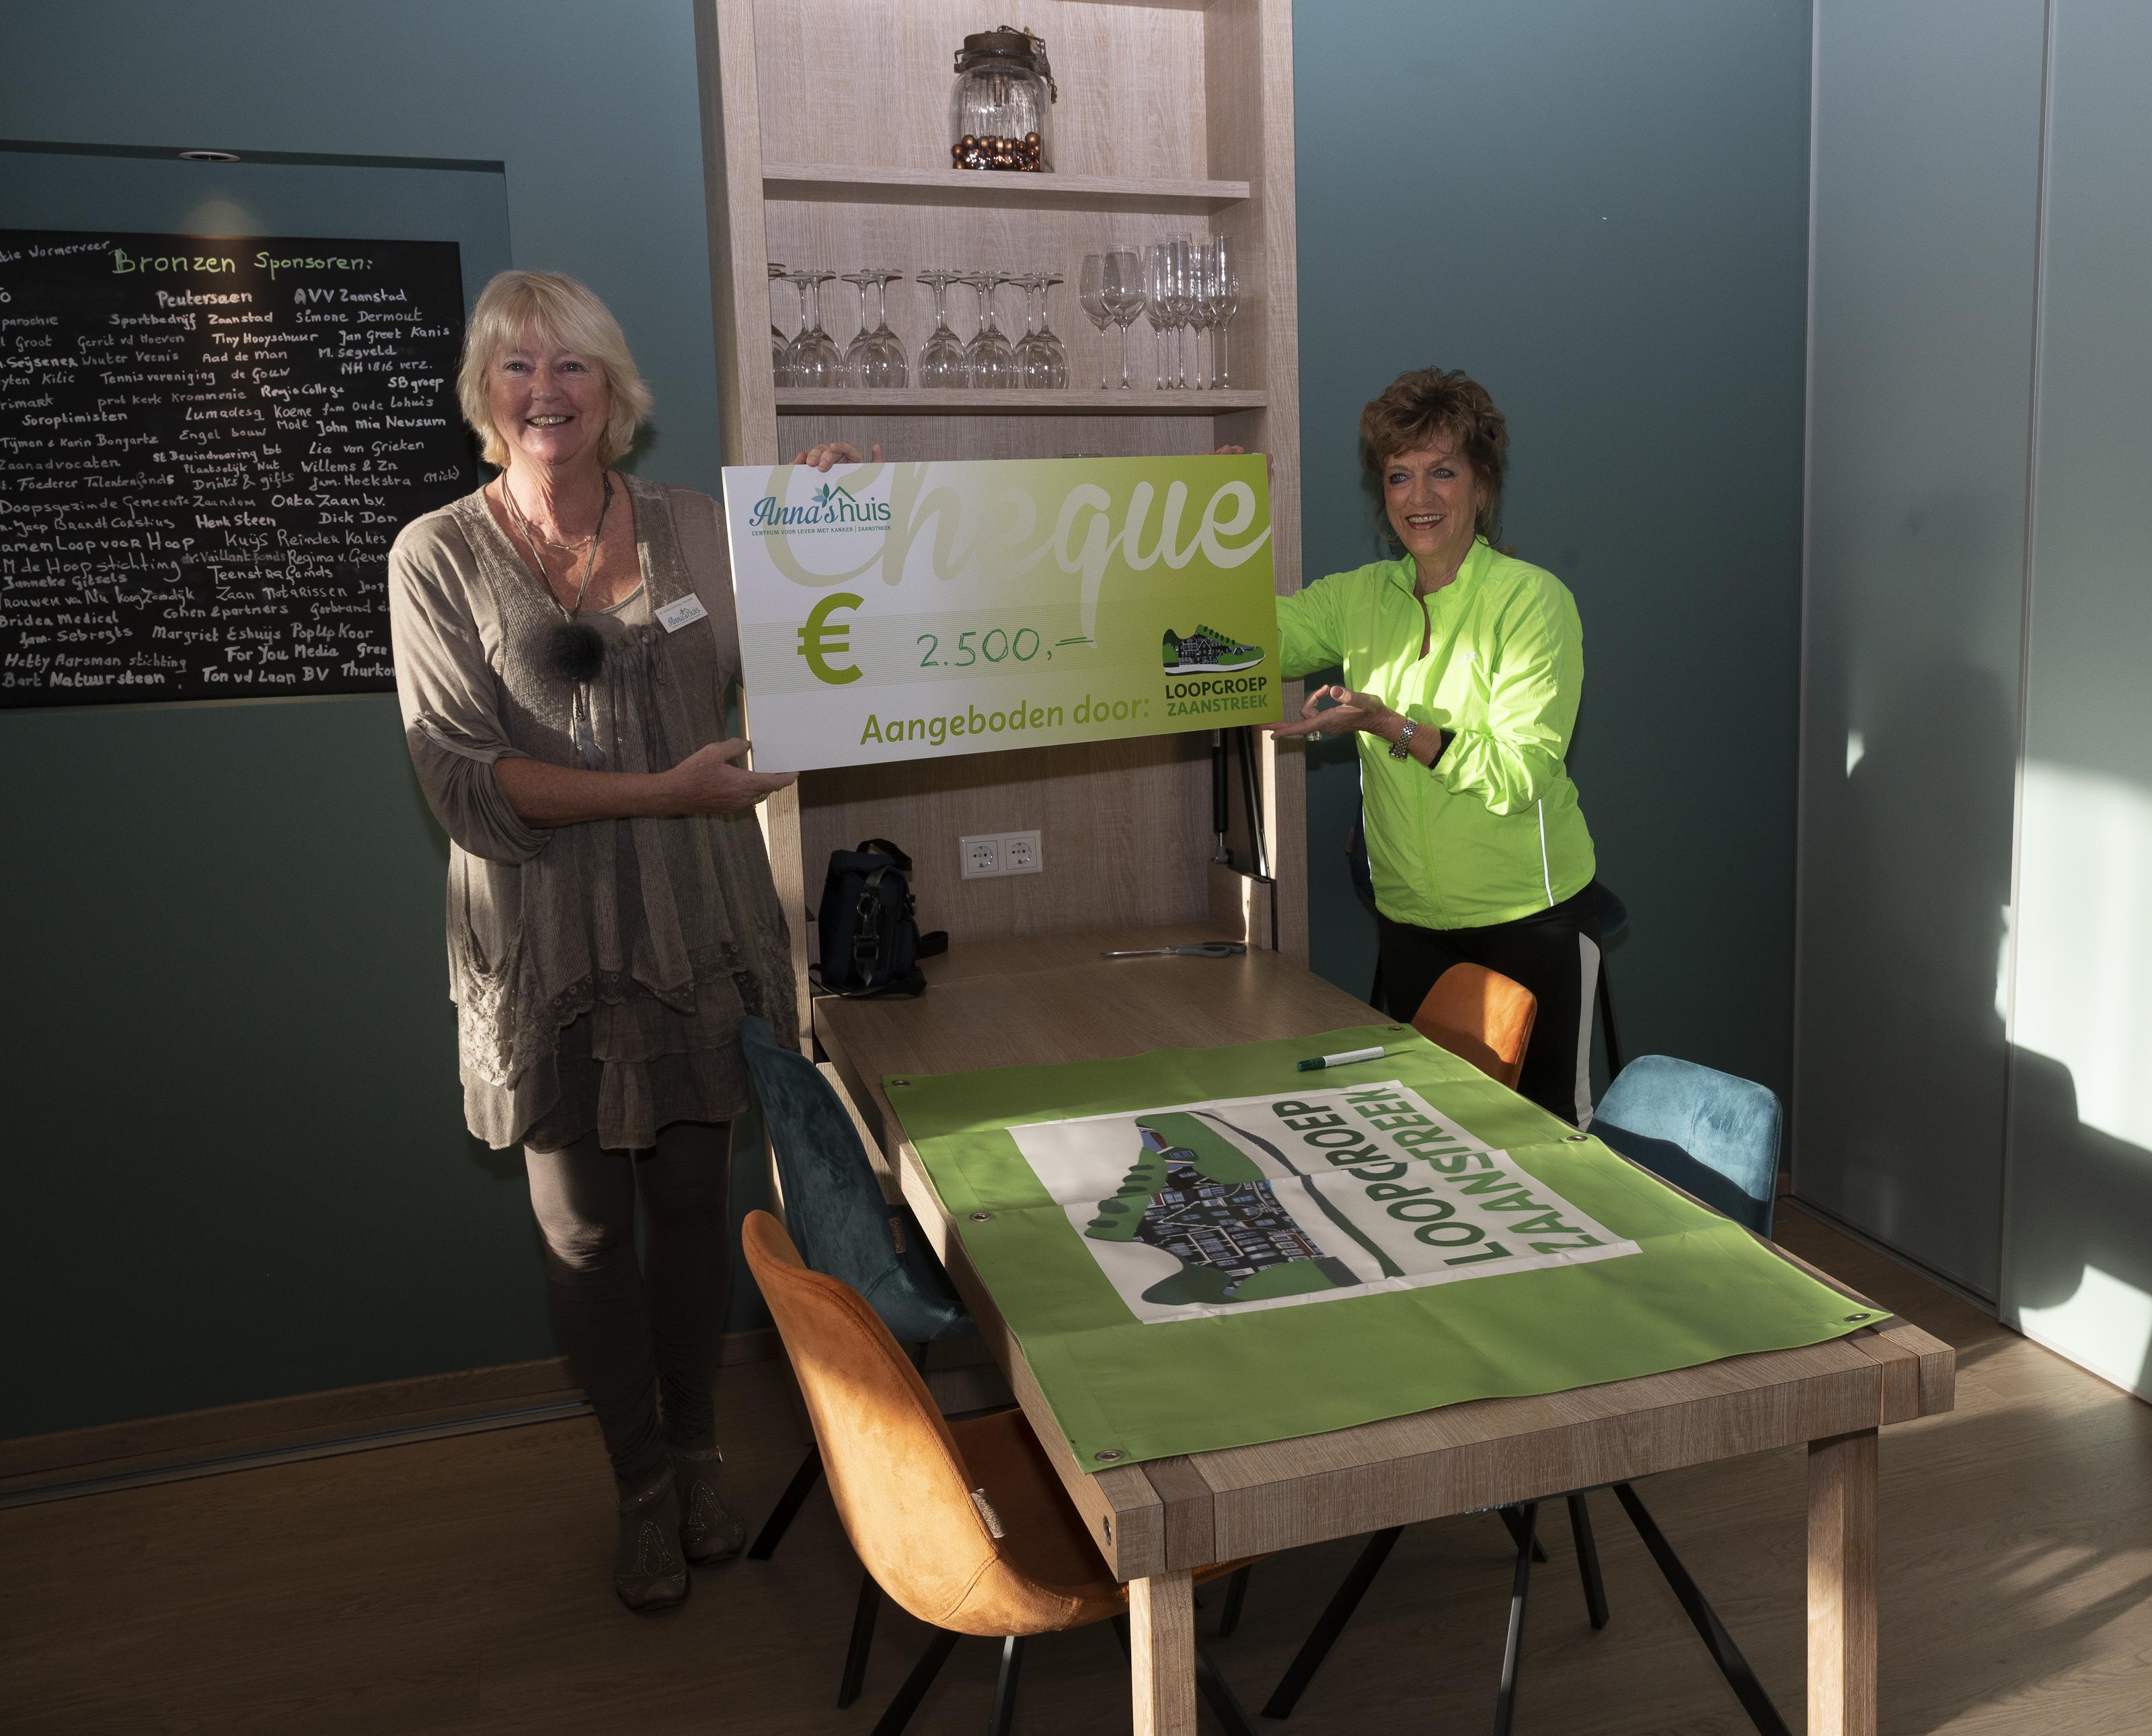 Loopgroep Zaanstreek doneert 2.500 euro aan Anna's huis, centrum voor leven met kanker